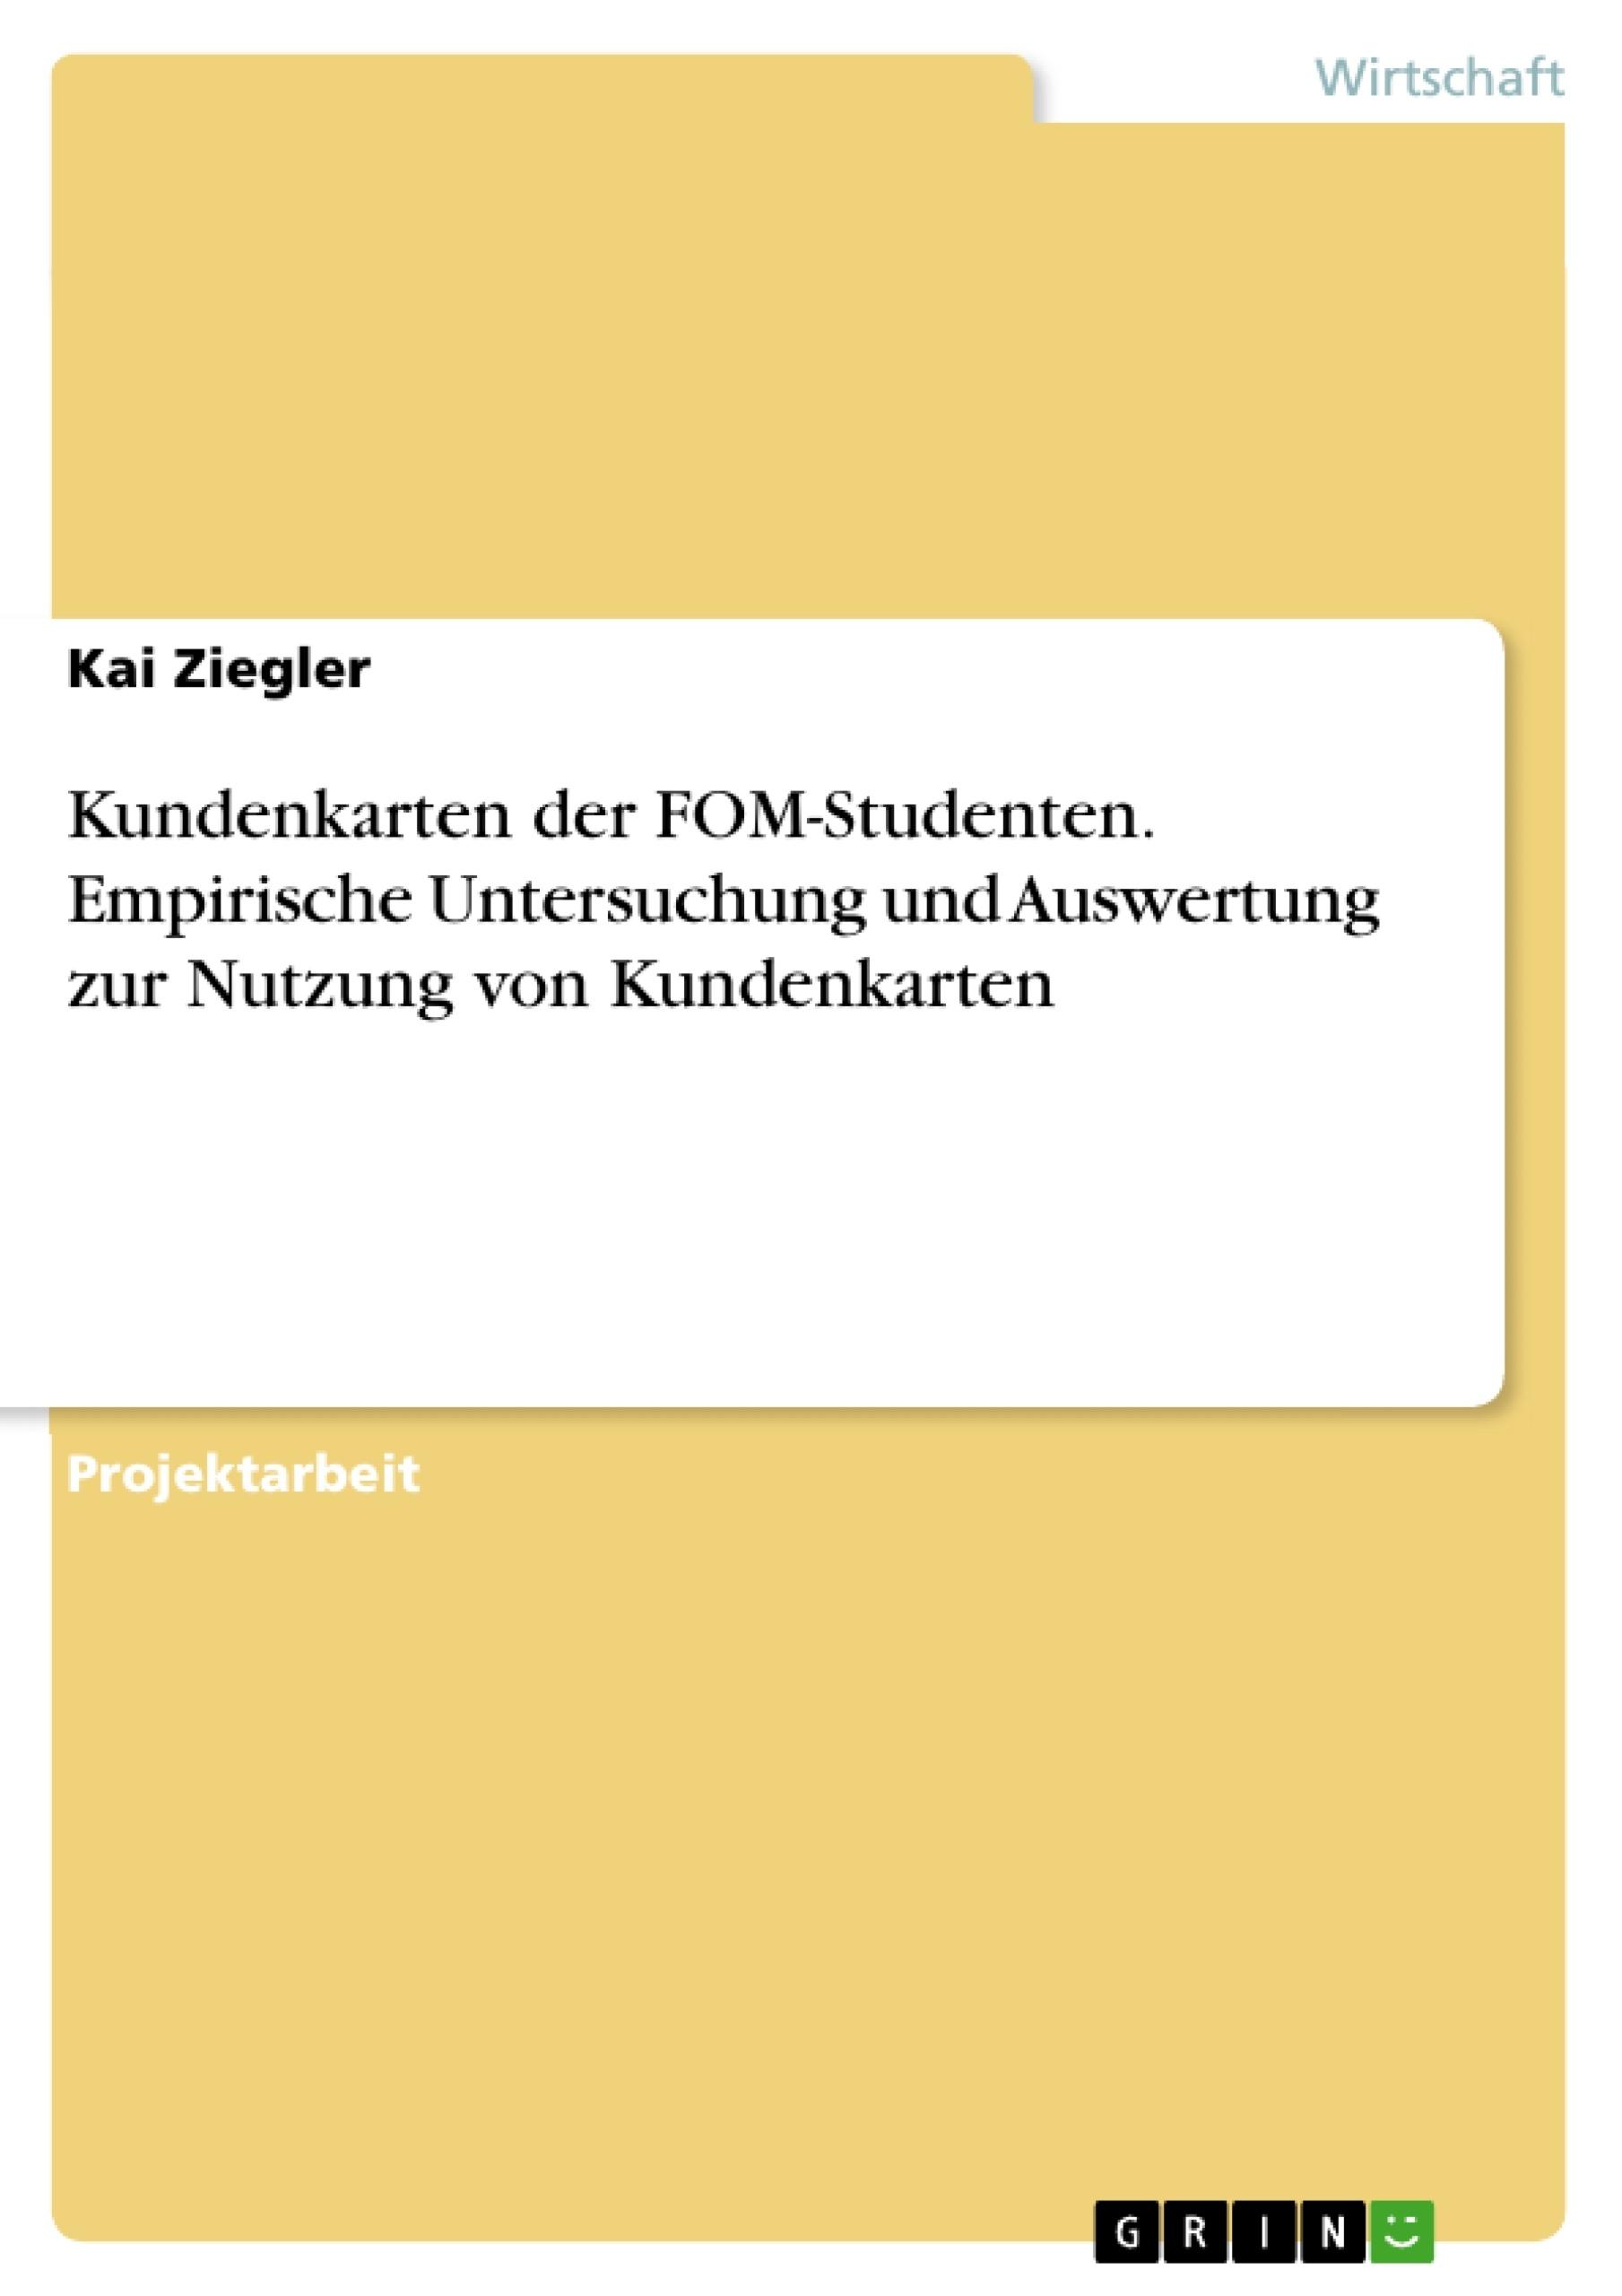 Titel: Kundenkarten der FOM-Studenten. Empirische Untersuchung und Auswertung zur Nutzung von Kundenkarten